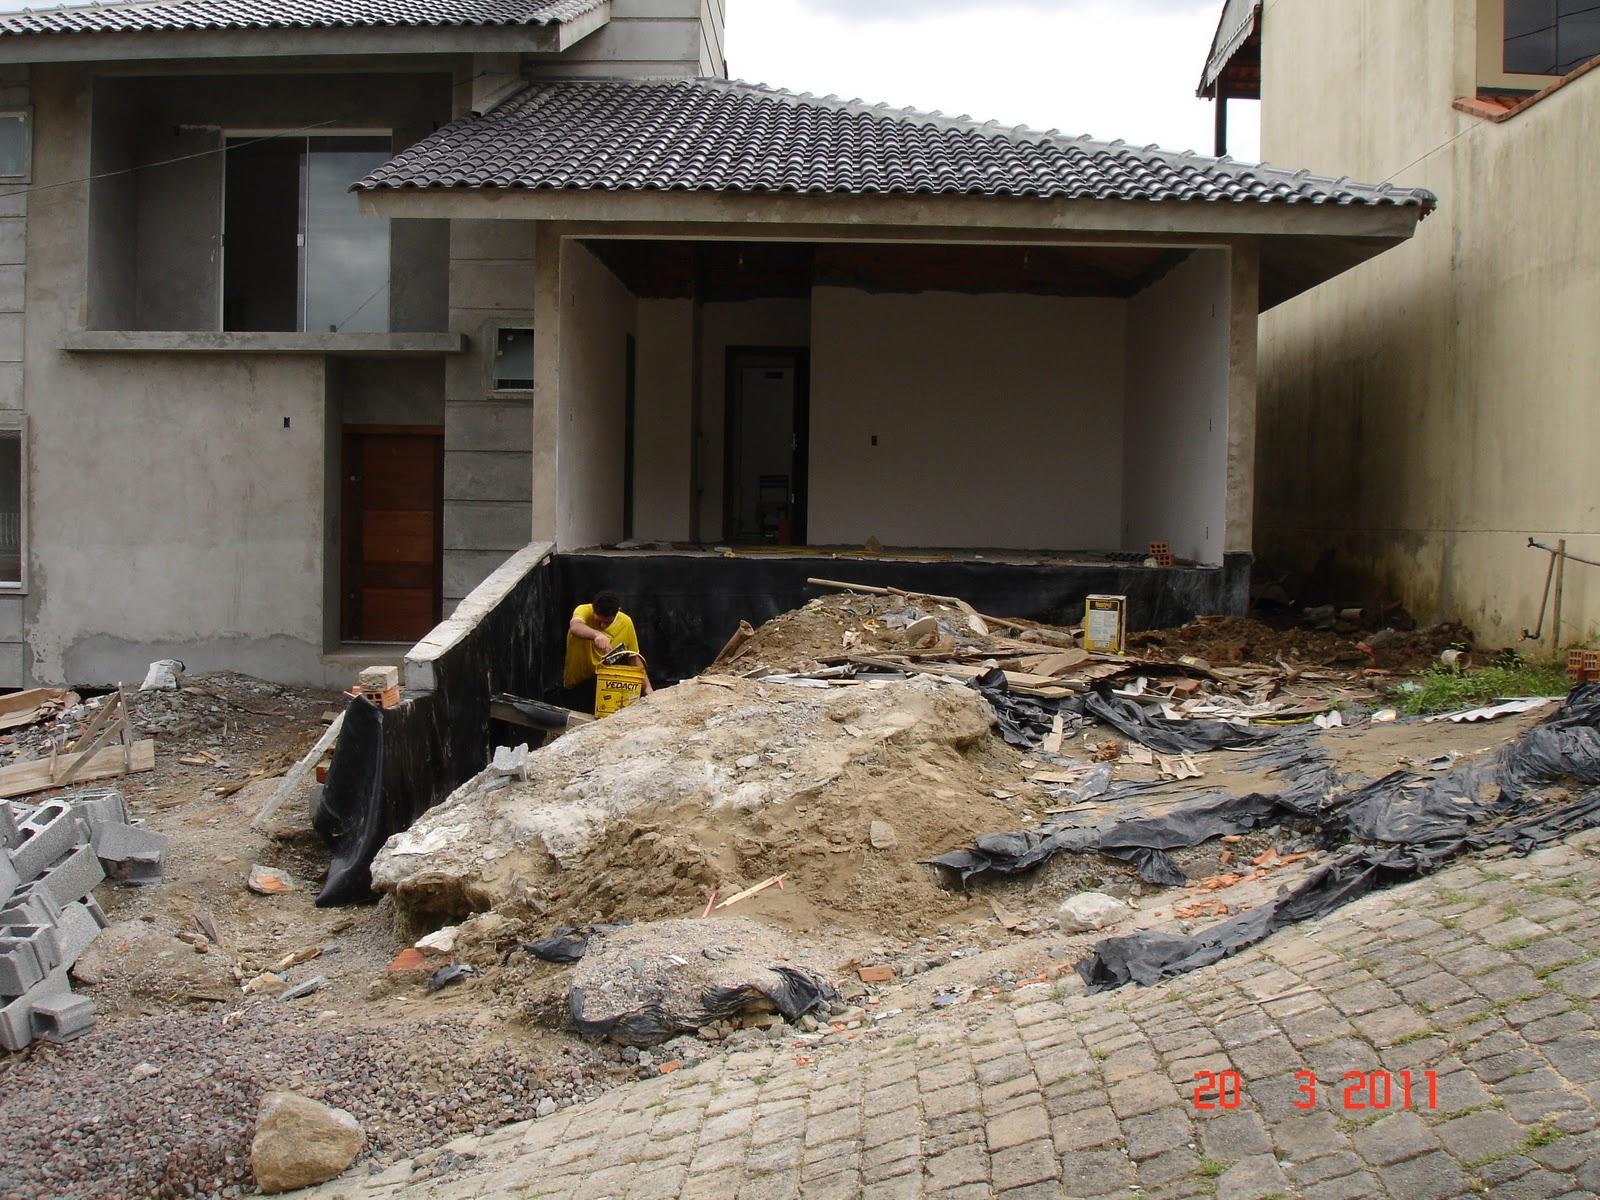 Nossa Casa no Site Construção da fundação ao acabamento: Março  #A26229 1600 1200